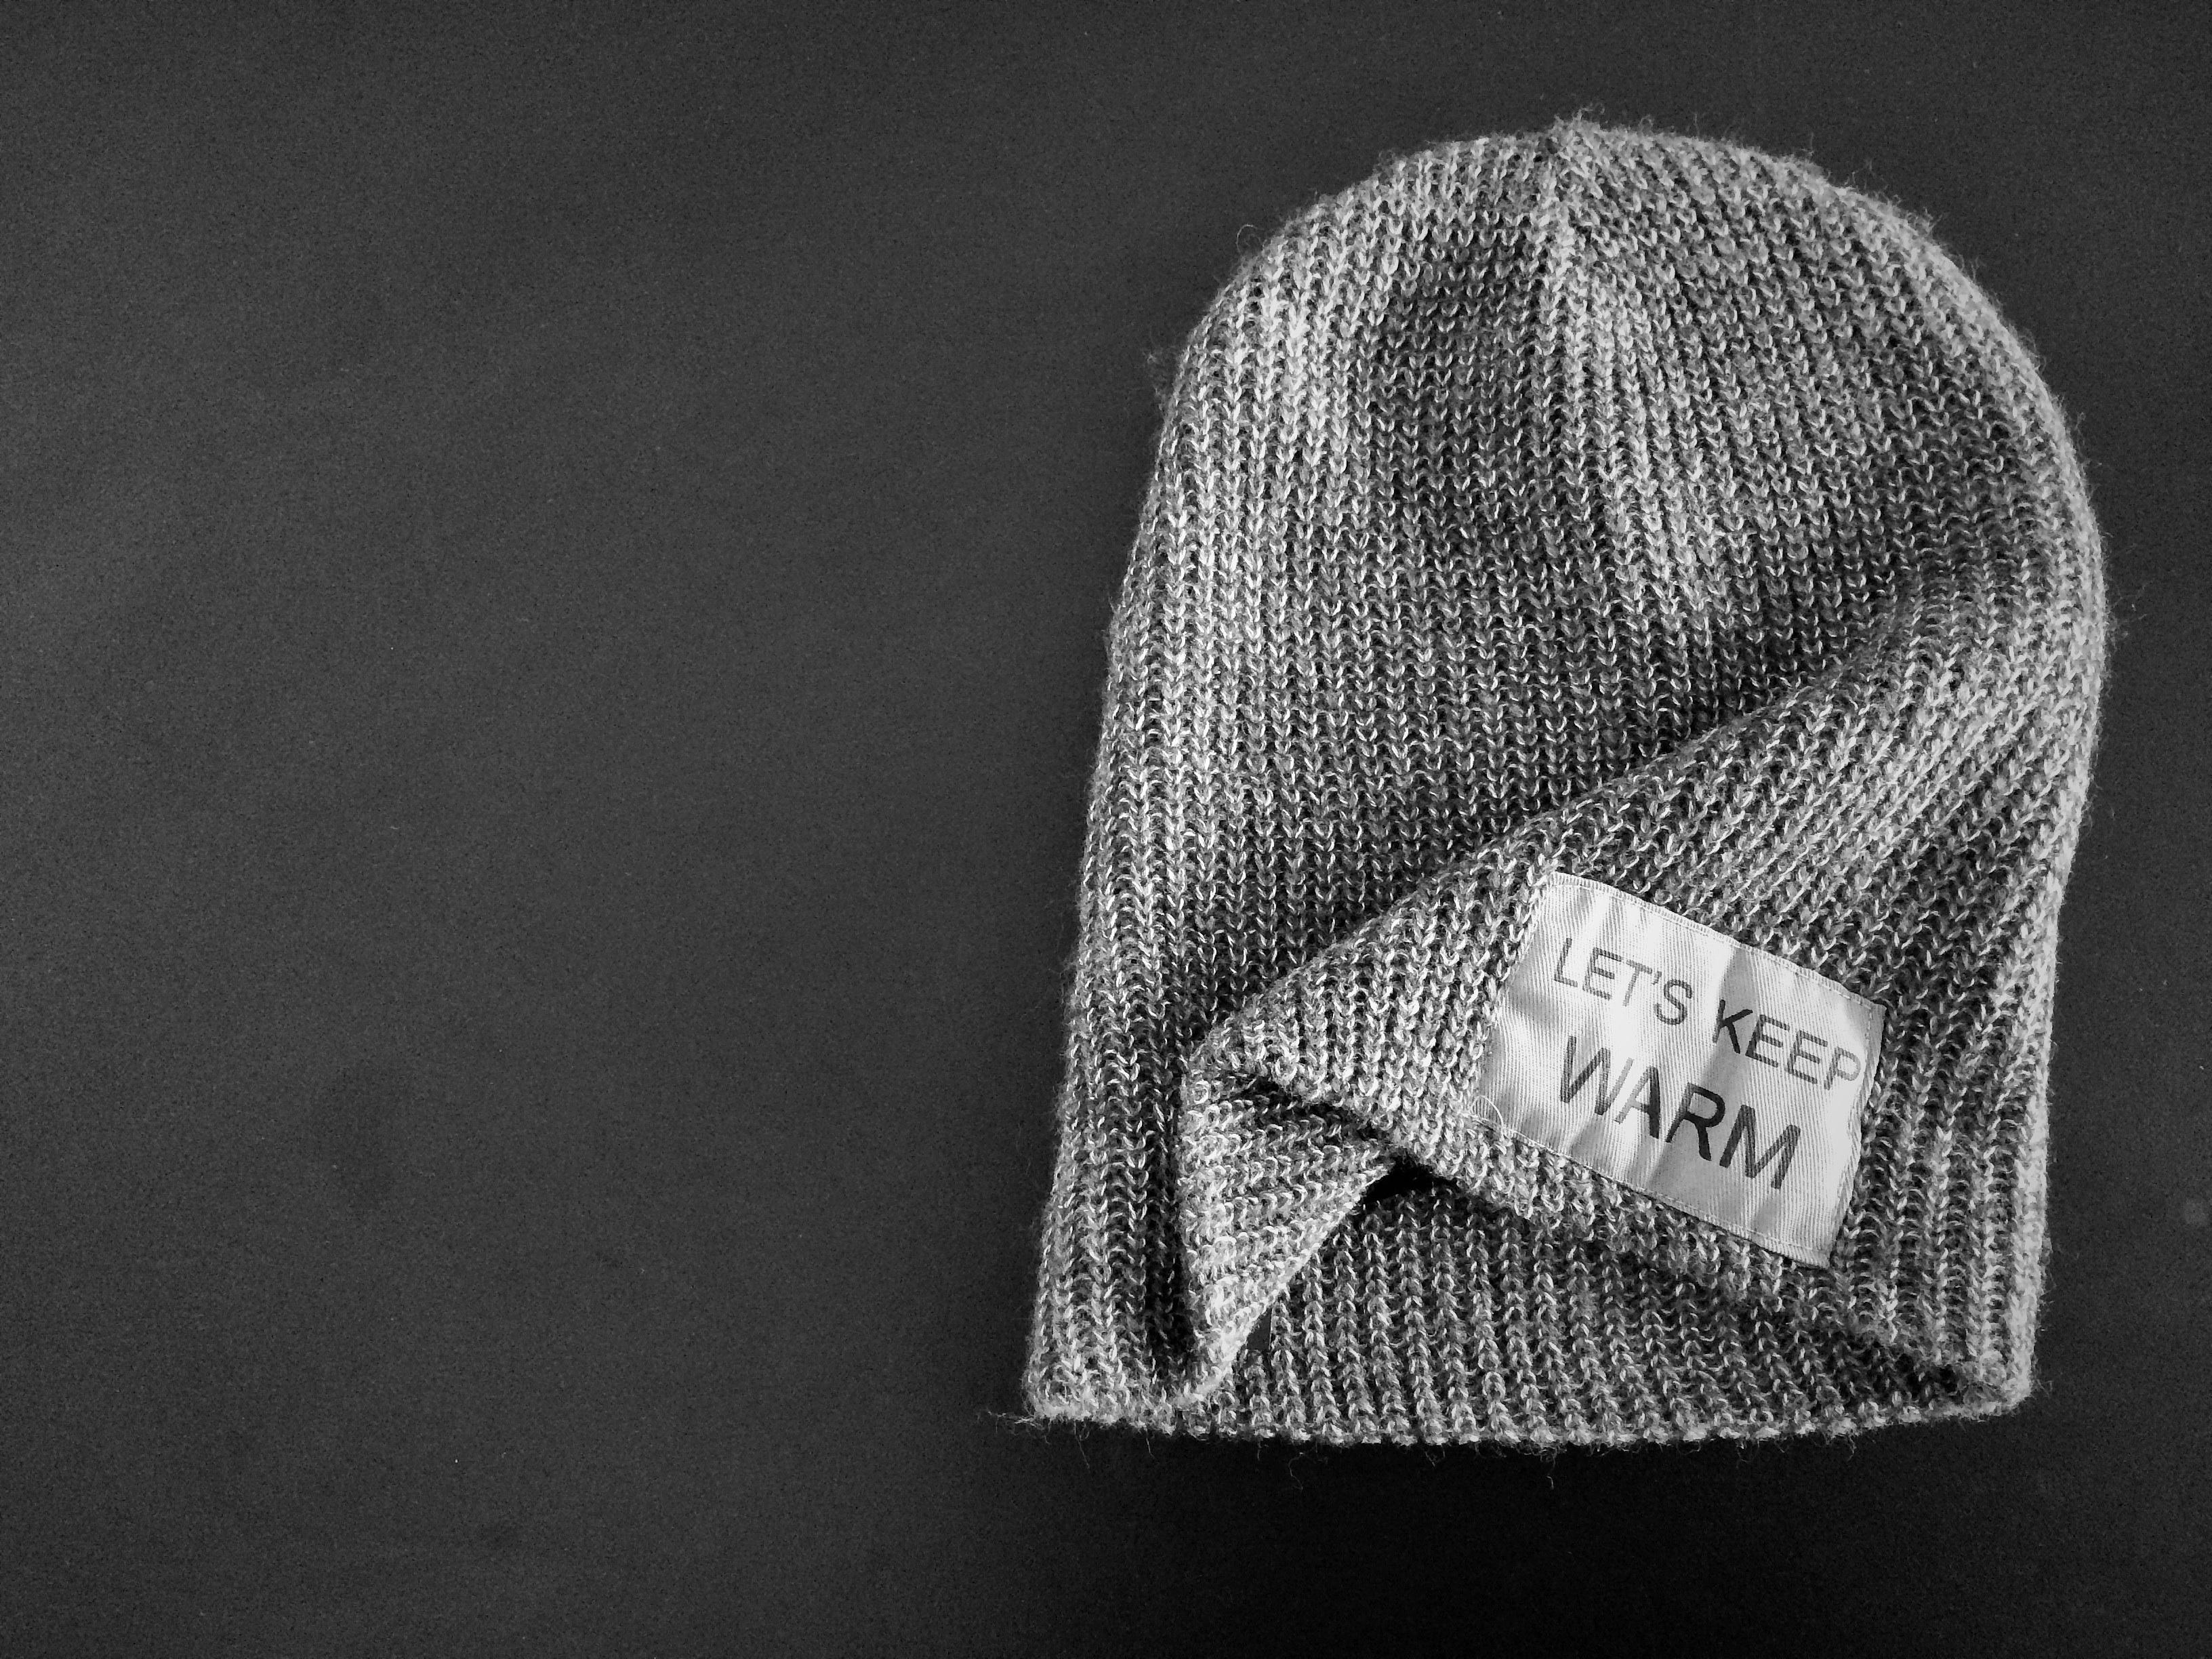 Kostenlose foto : Schwarz und weiß, Weiß, Muster, Hut, Kleidung ...